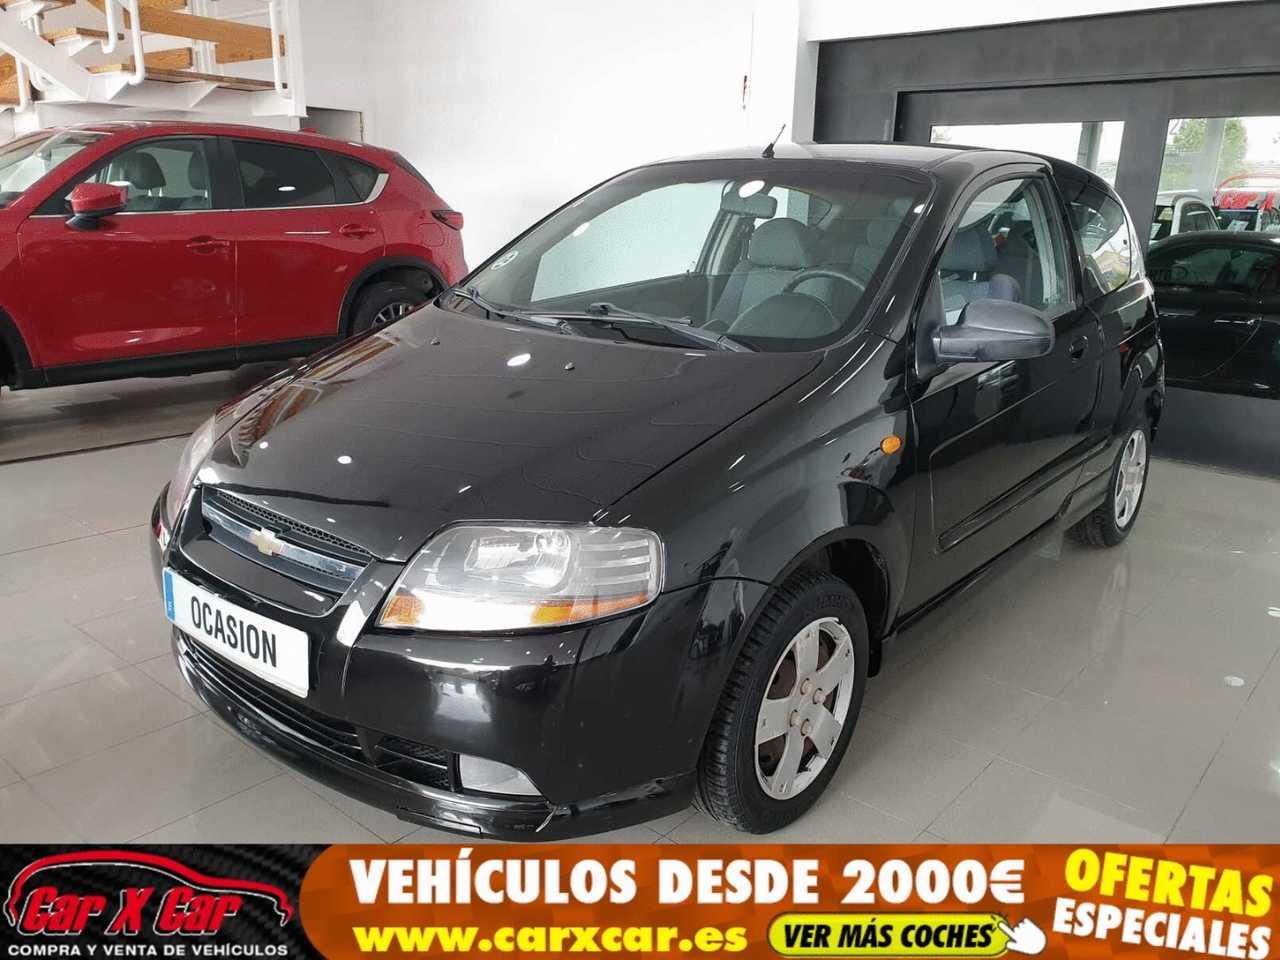 Chevrolet Kalos 1.2 SE   - Foto 1